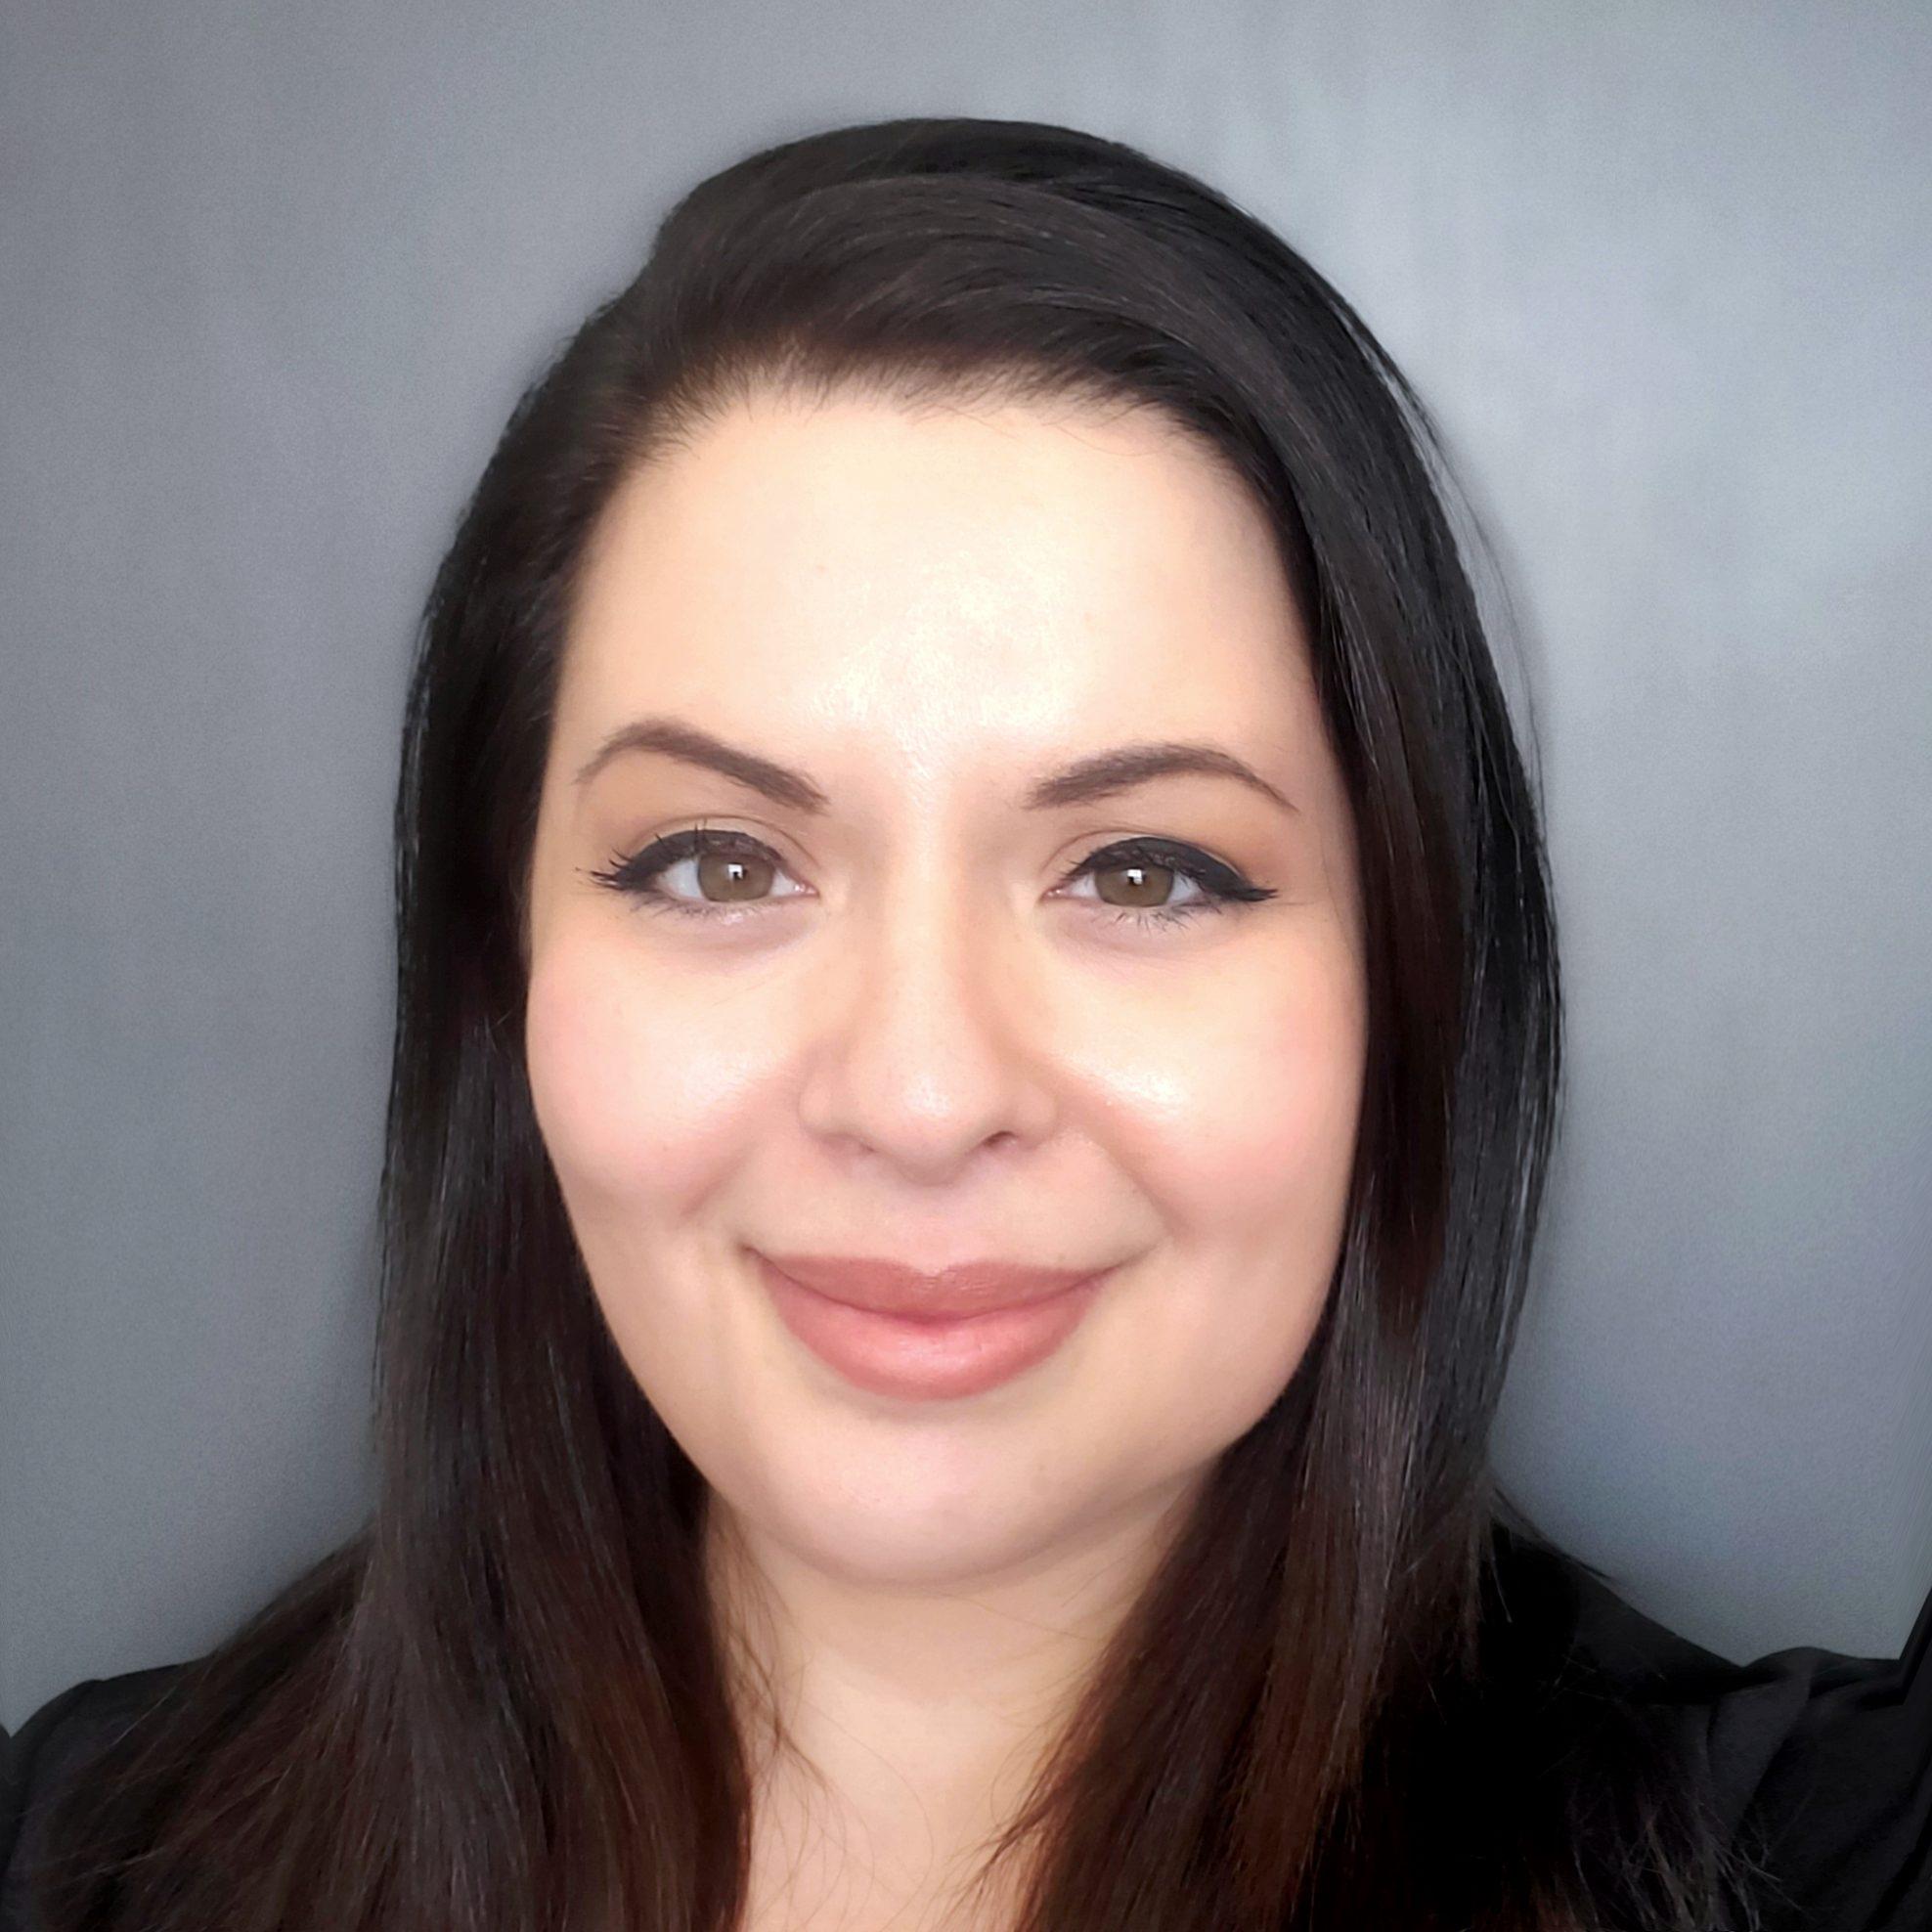 Sarah - Headshot